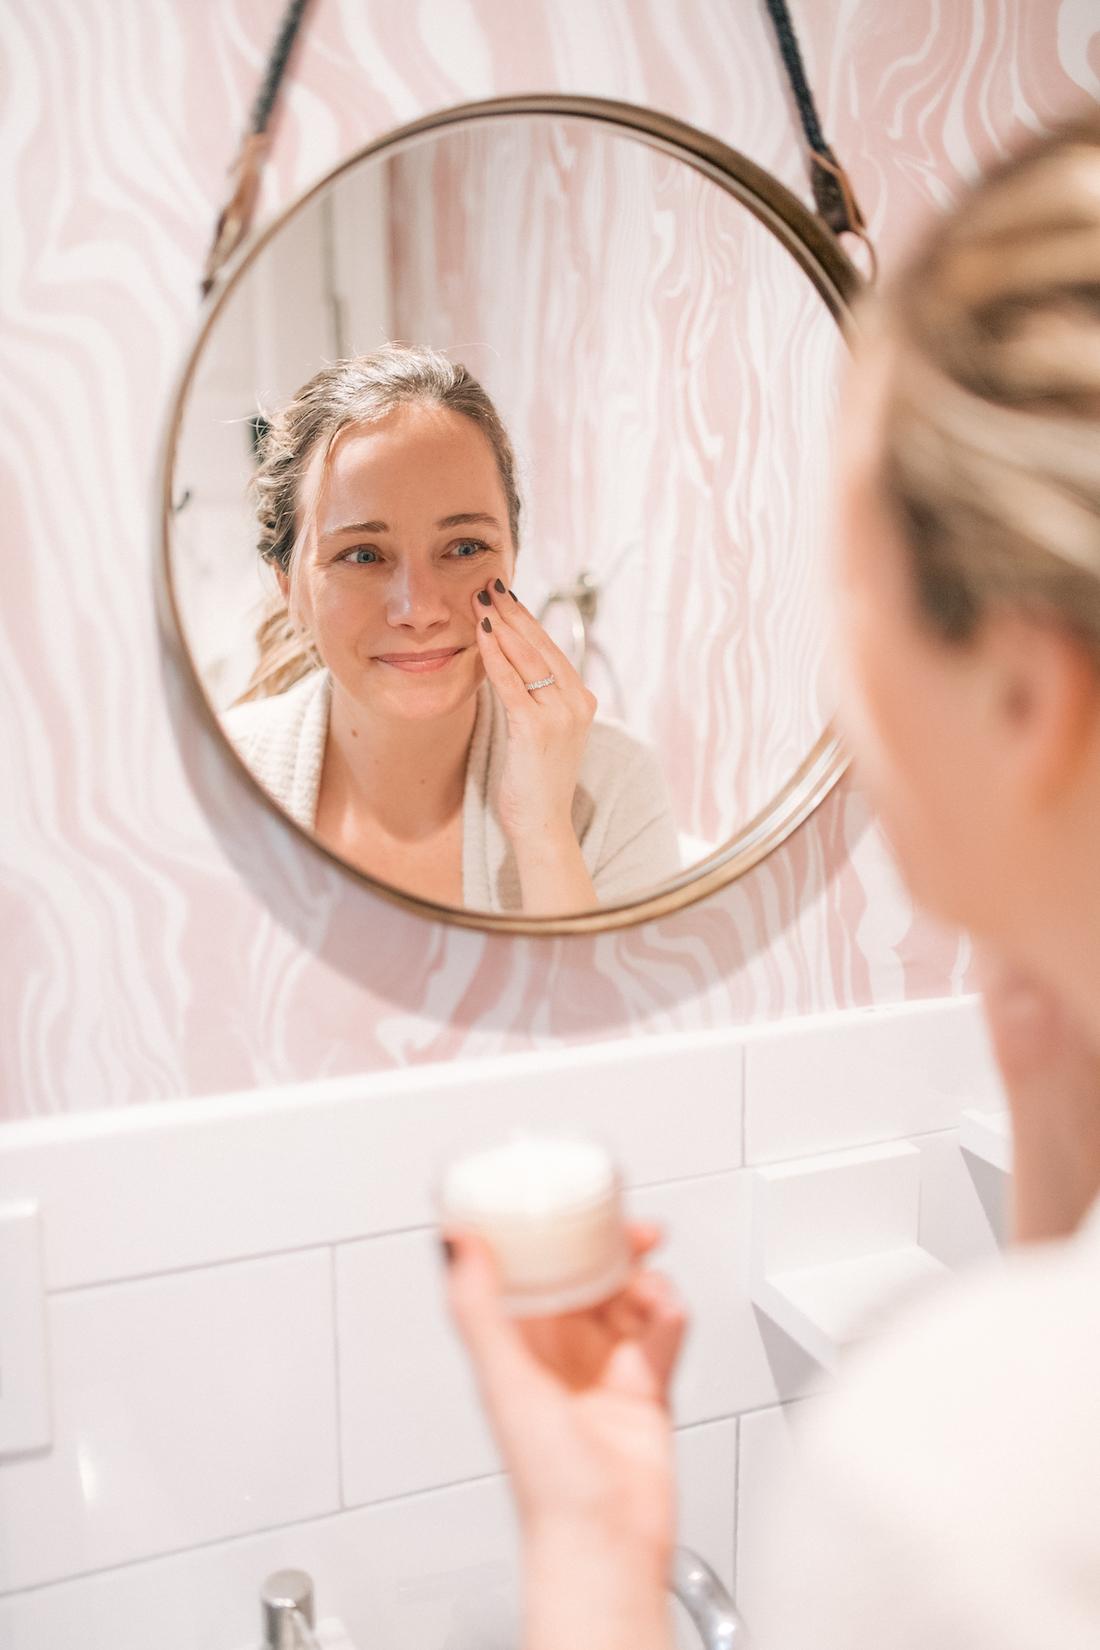 Safer, Effective Skincare